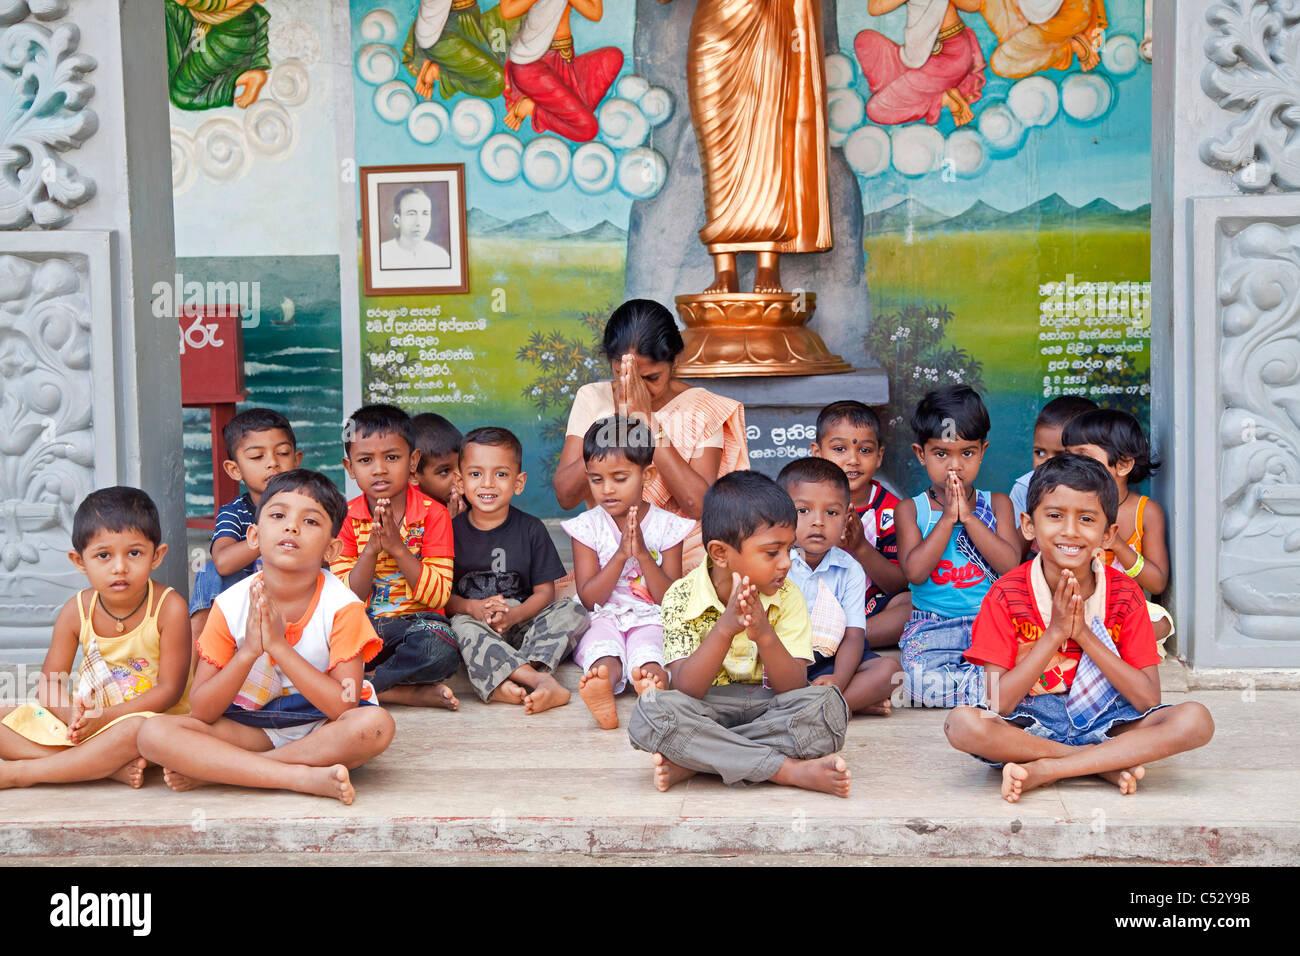 children and teacher praying in the Weherahena temple of Matara, Sri Lanka, Asia - Stock Image